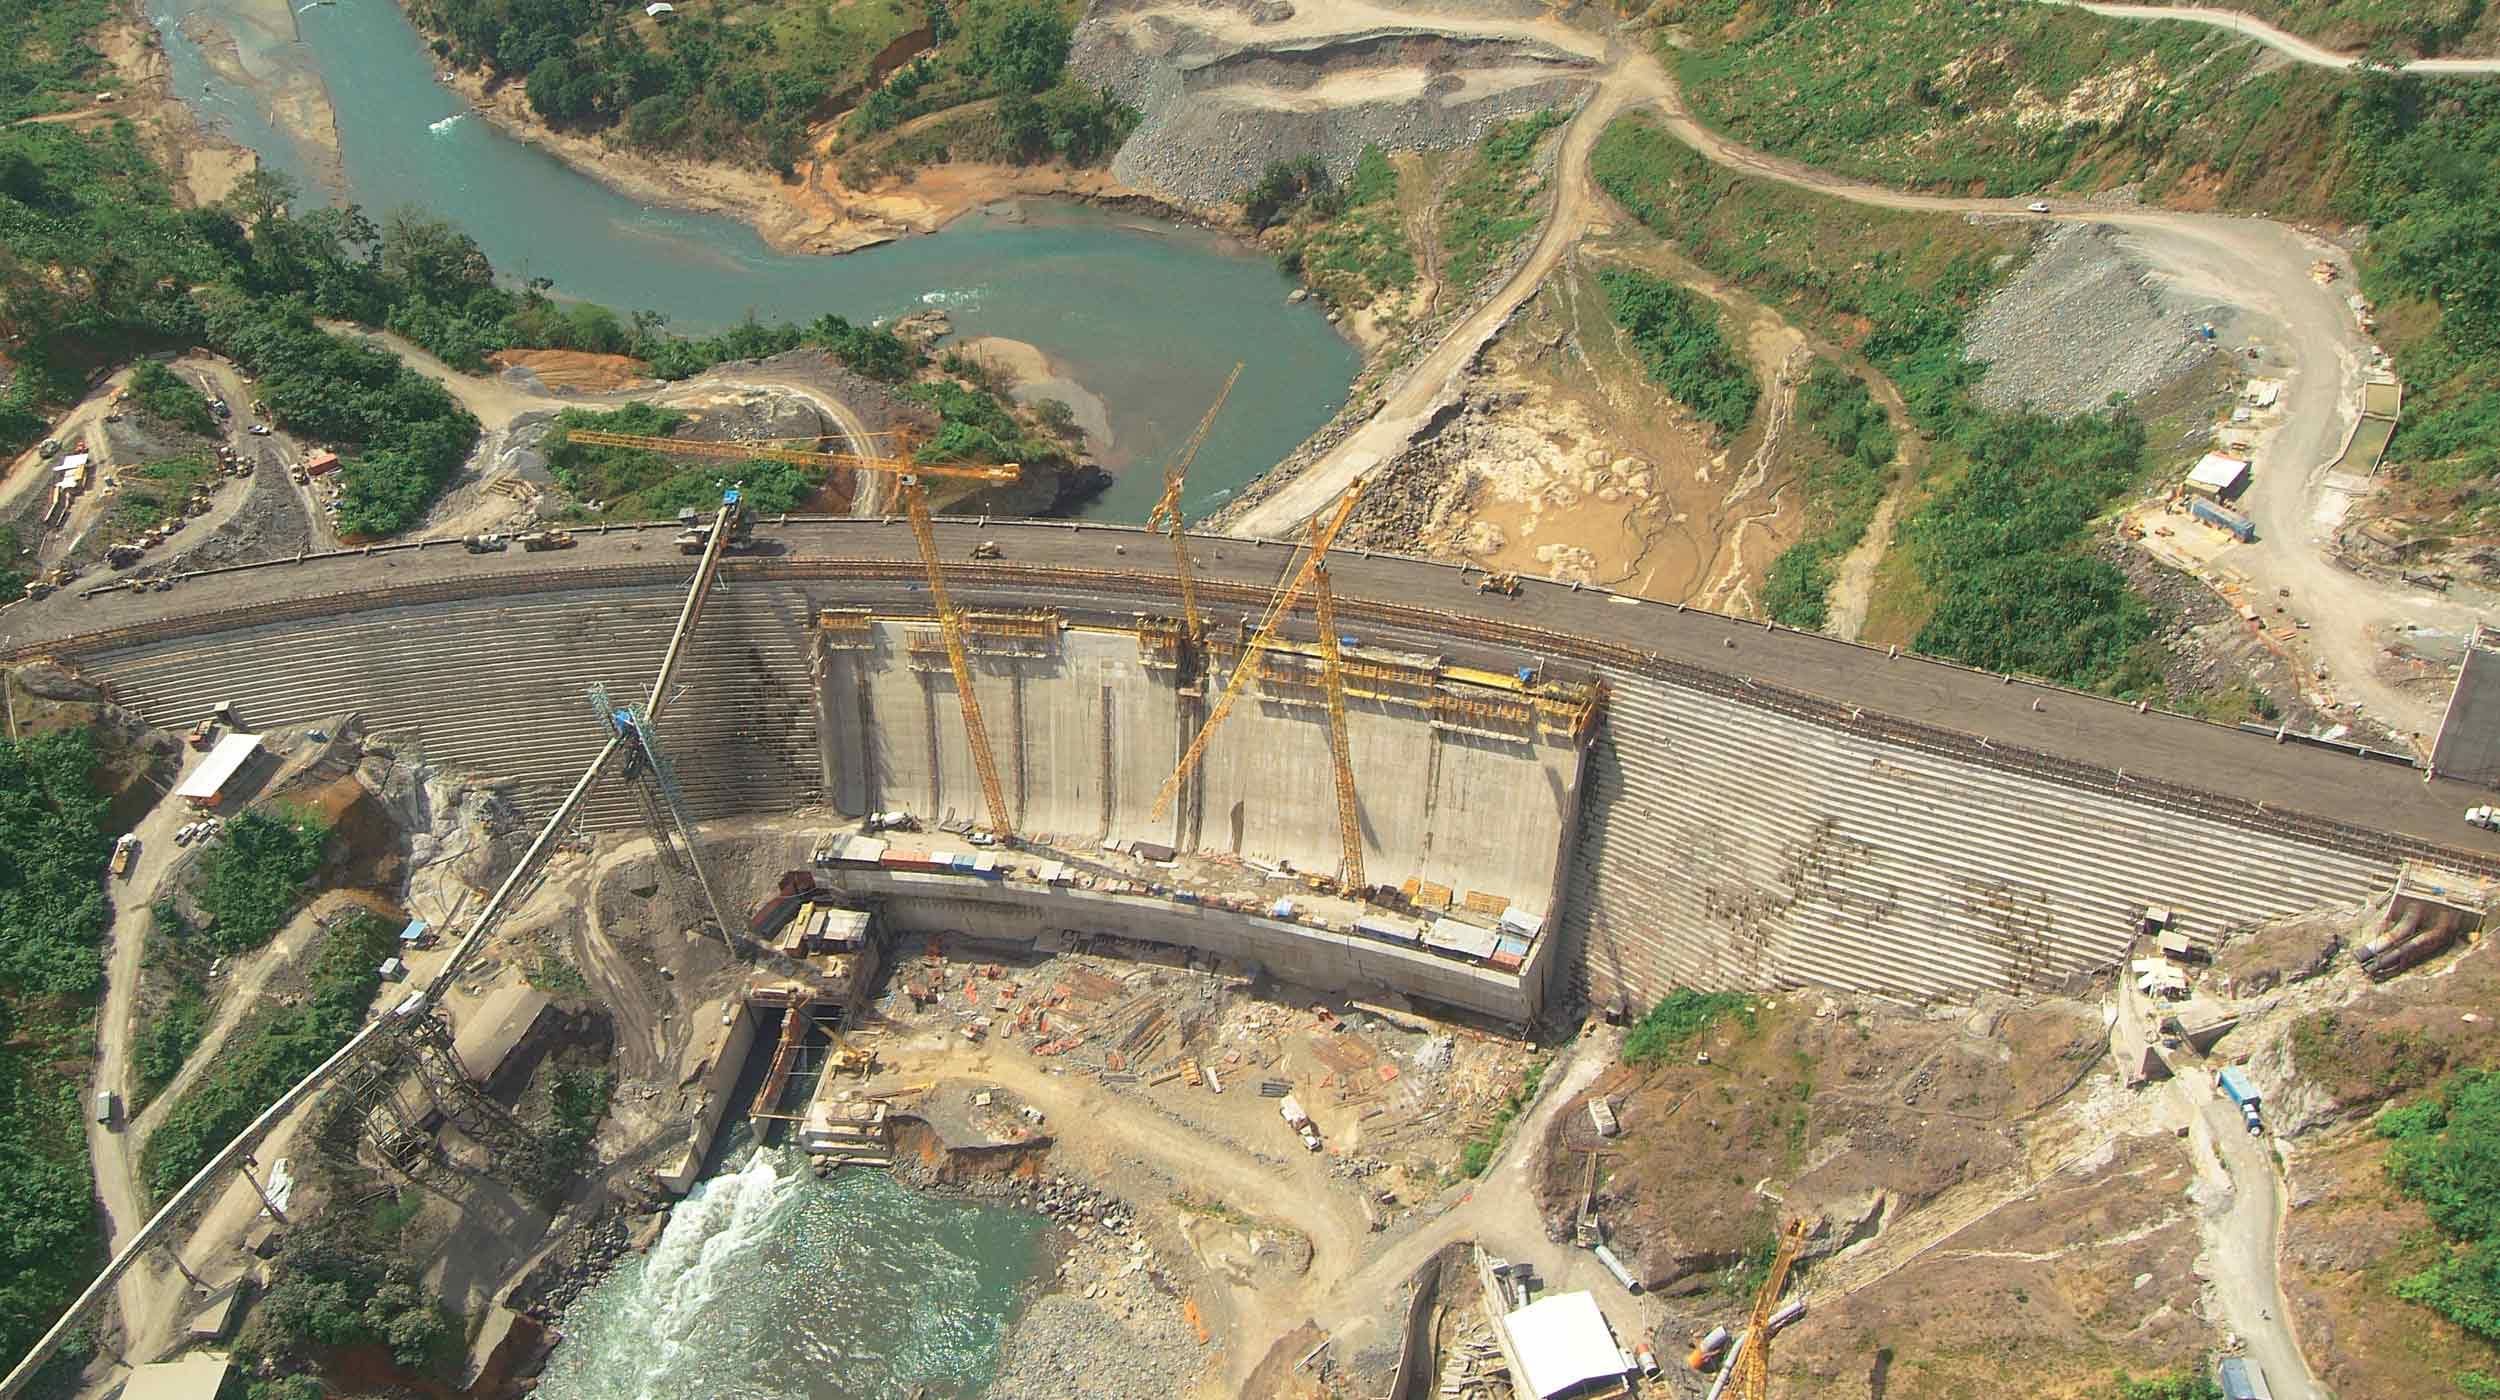 Inwestycja zlokalizowana jest w panamskiej prowincji Bocas del Toro.